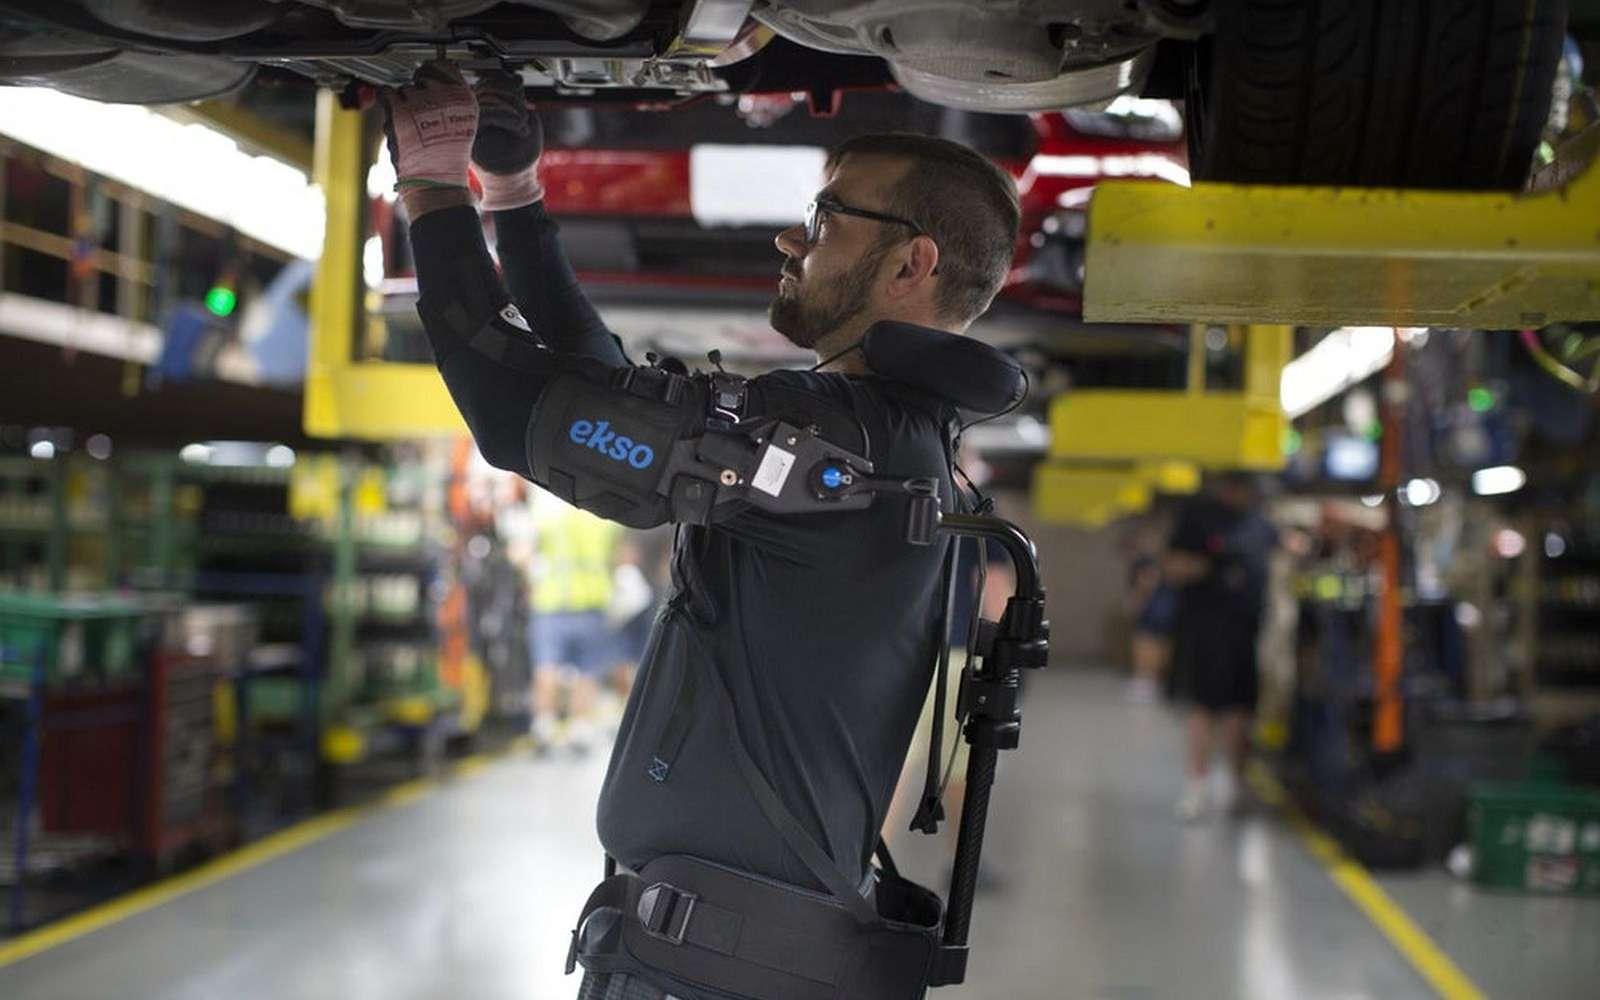 L'exosquelette EksoVest est fourni par Ford à certains de ses ouvriers qui doivent travailler fréquemment avec les bras en l'air. © Ford